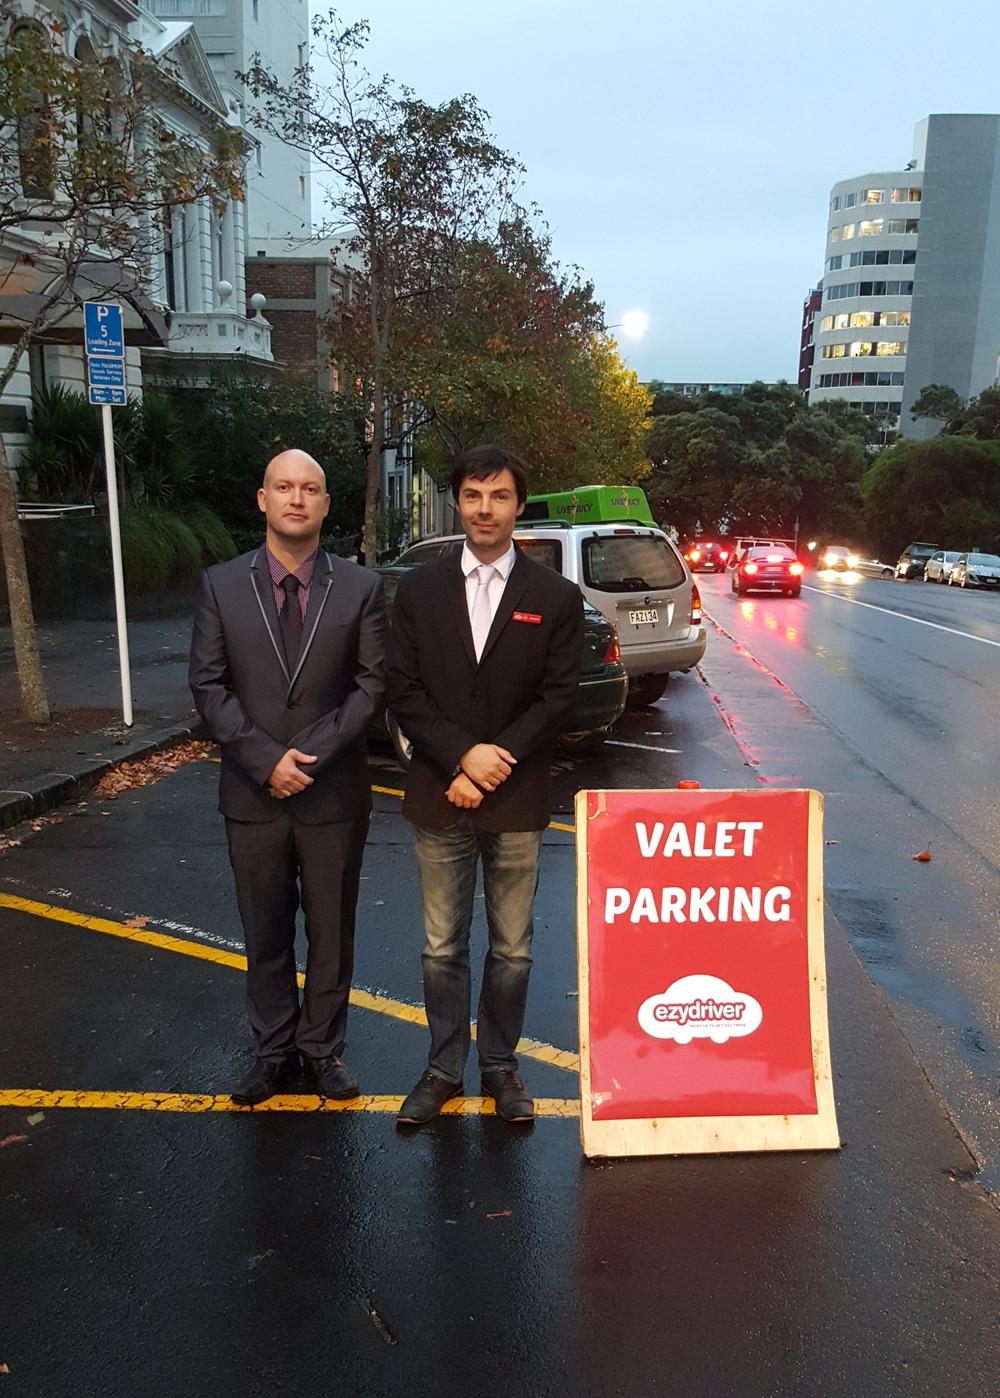 Valet / Concierge service